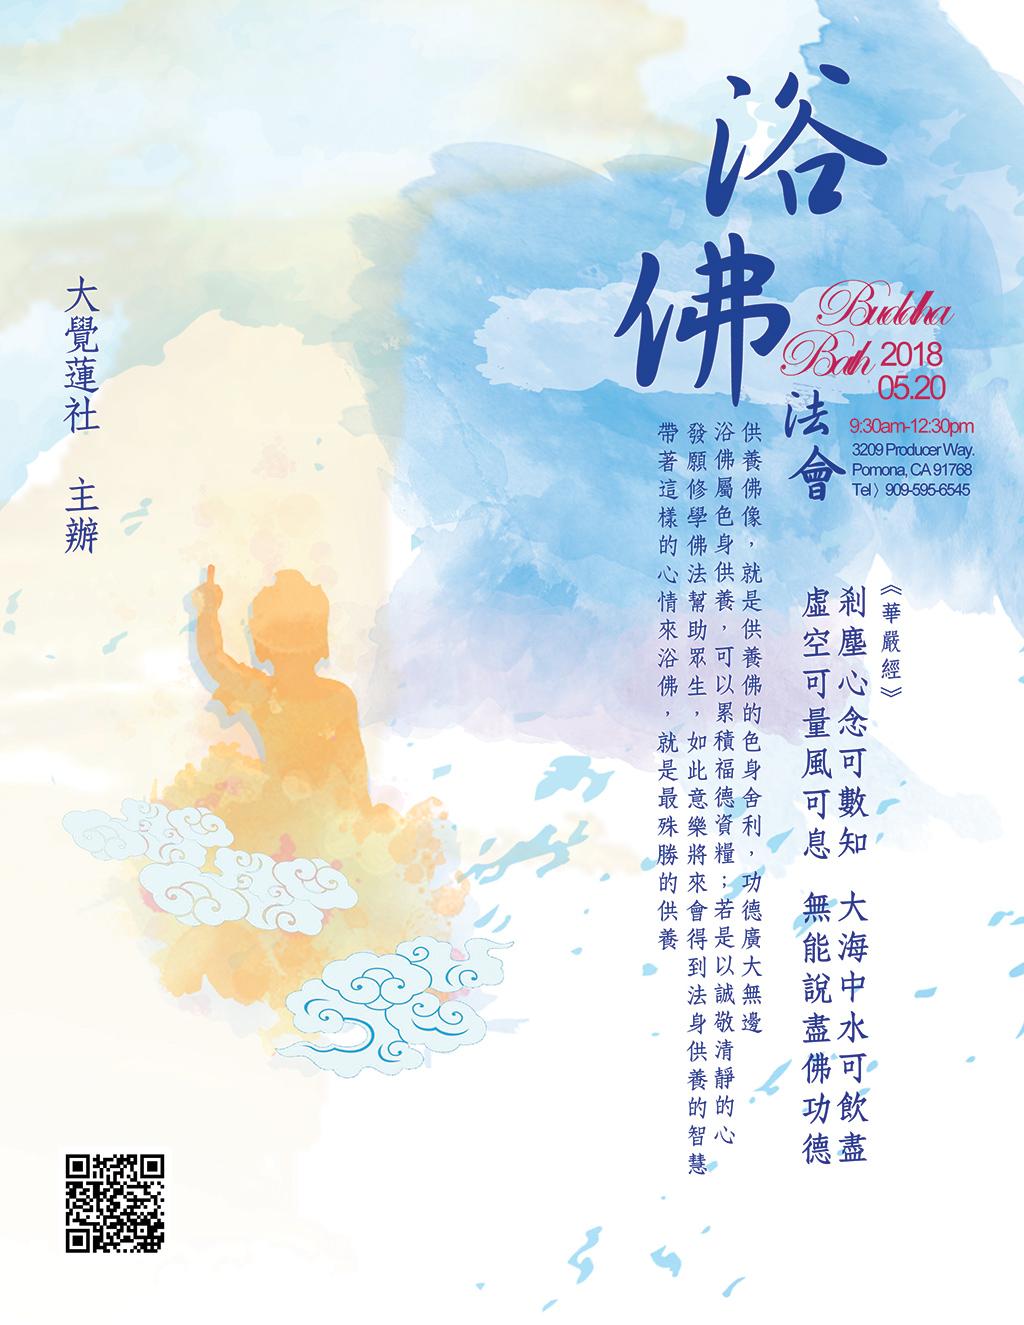 2018 浴佛法會 – 大覺蓮社